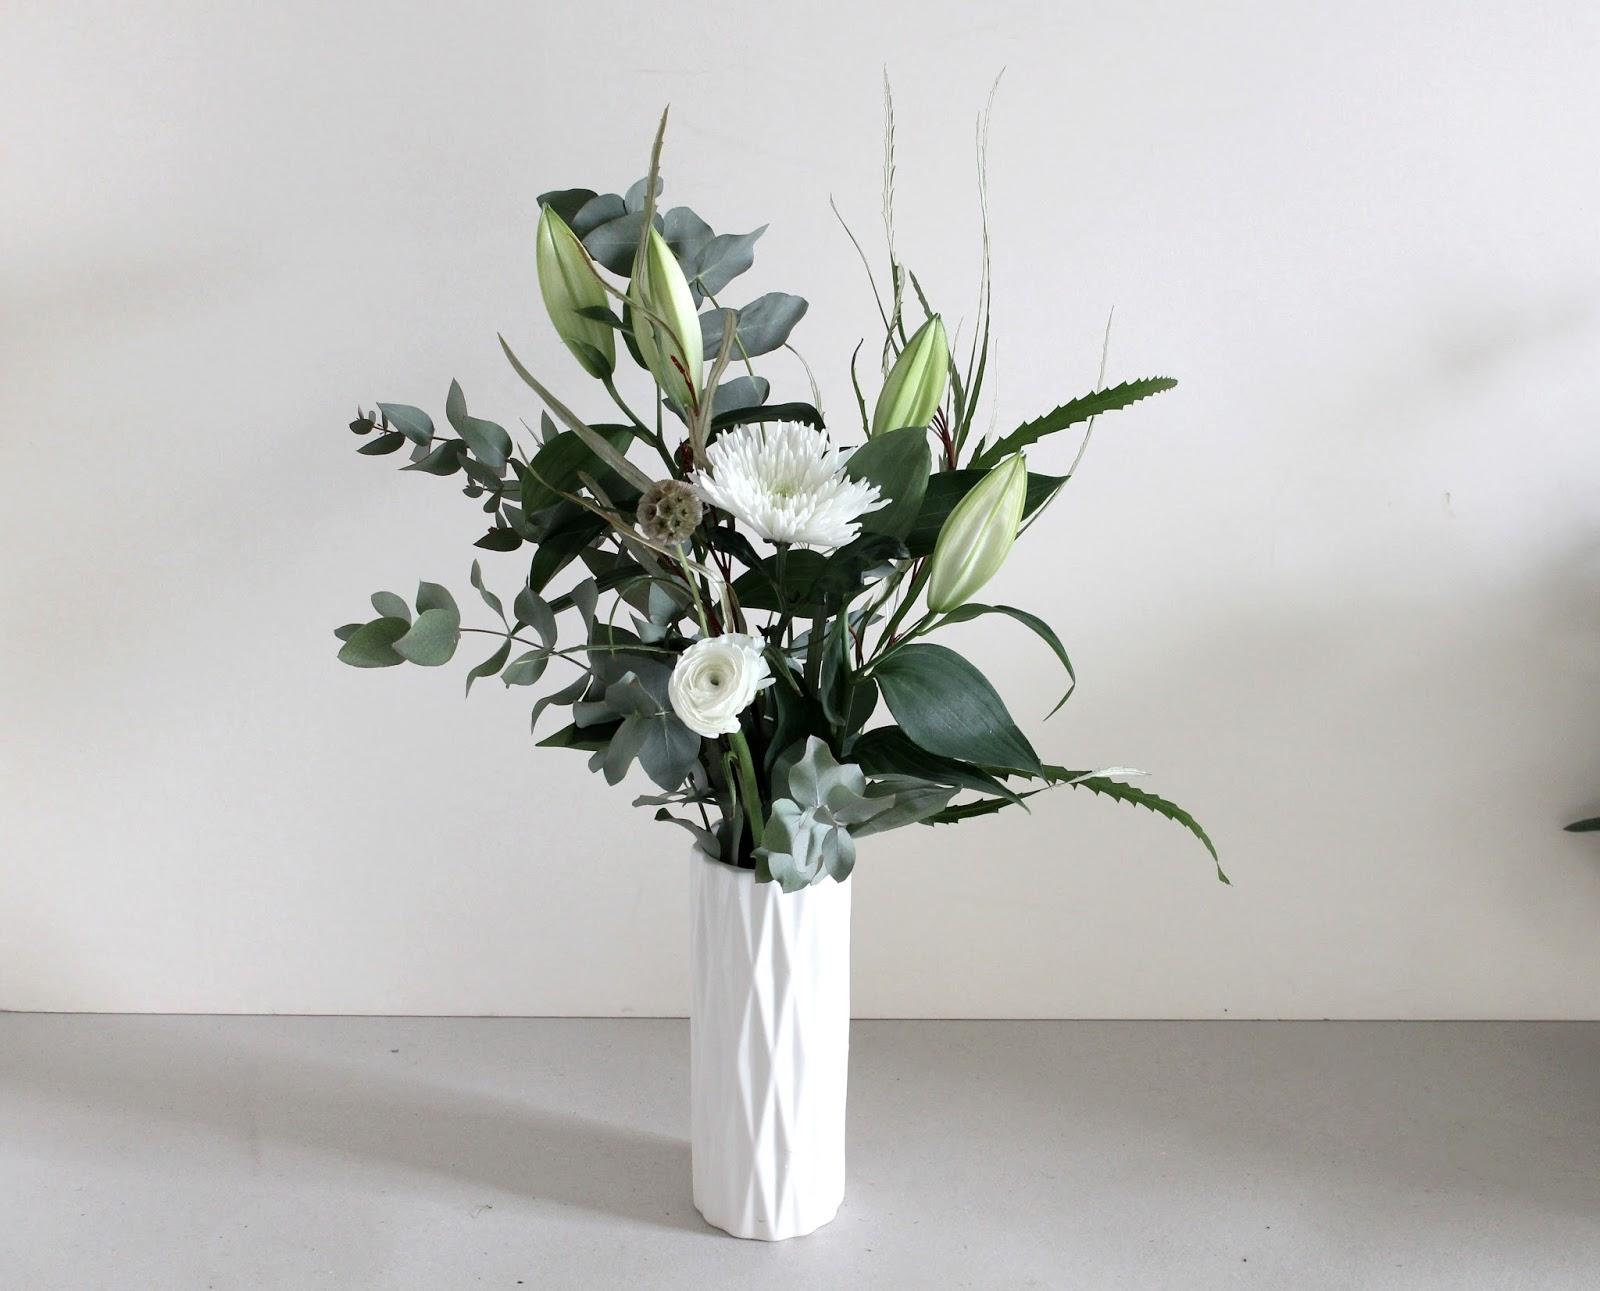 La petite boutique de fleurs fleuriste mariage lyon for Livraison fleurs lyon